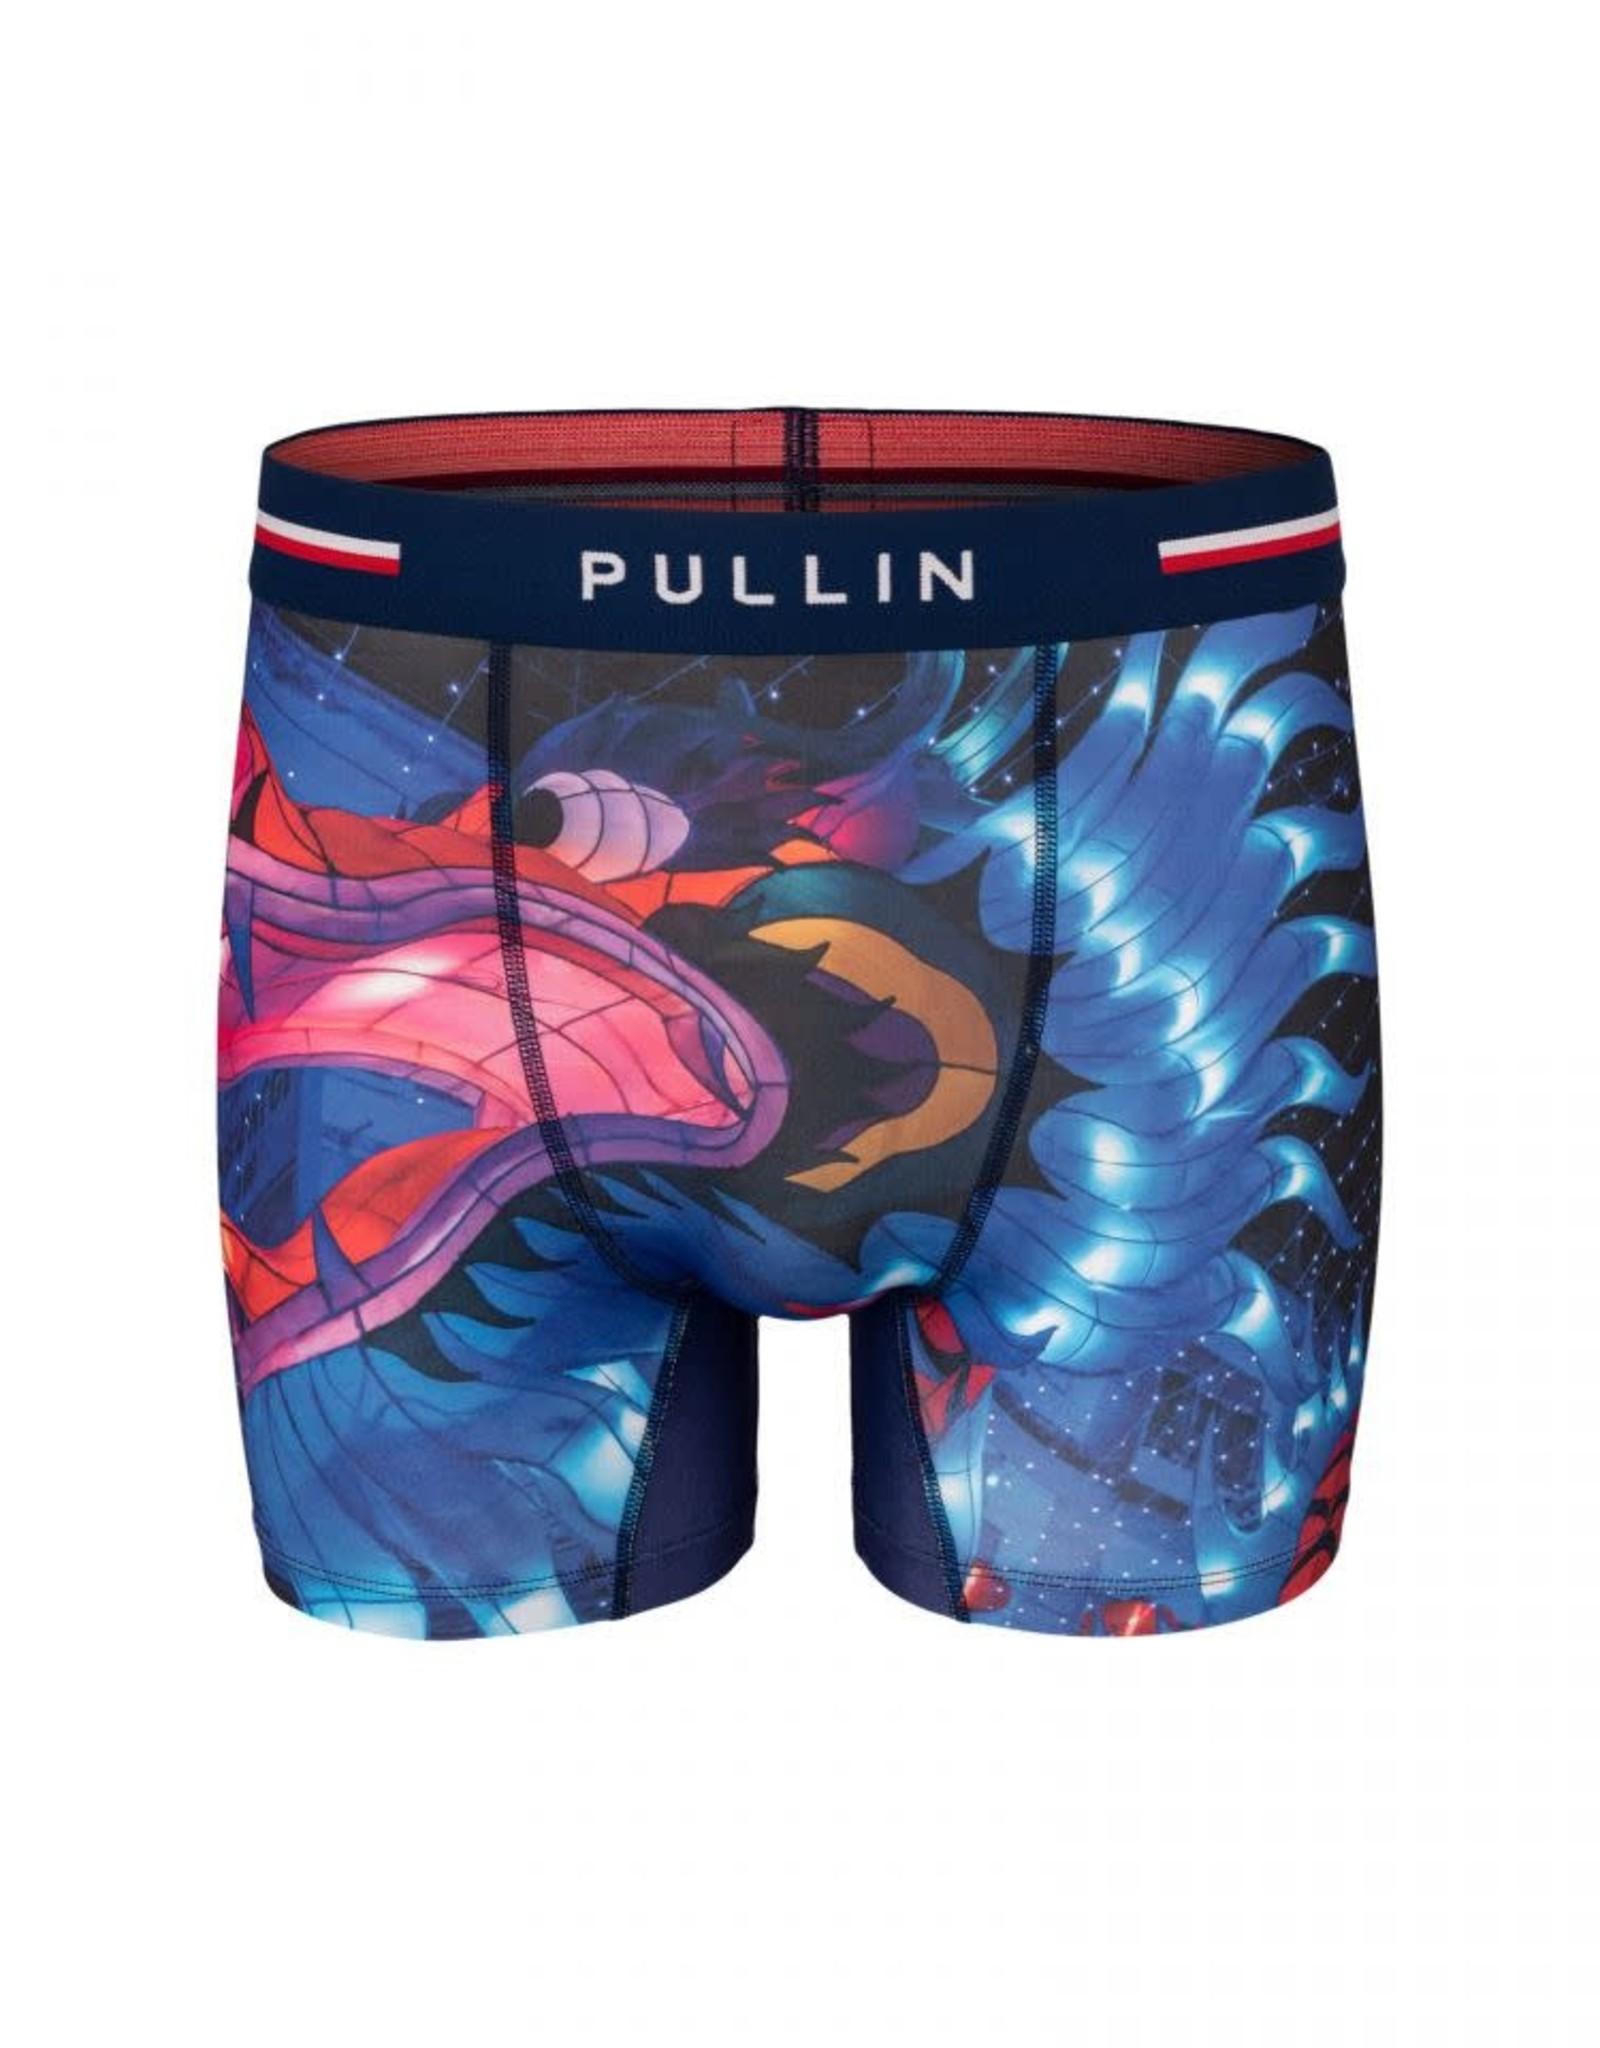 Pullin Fashion 2 BLUE DRAGON